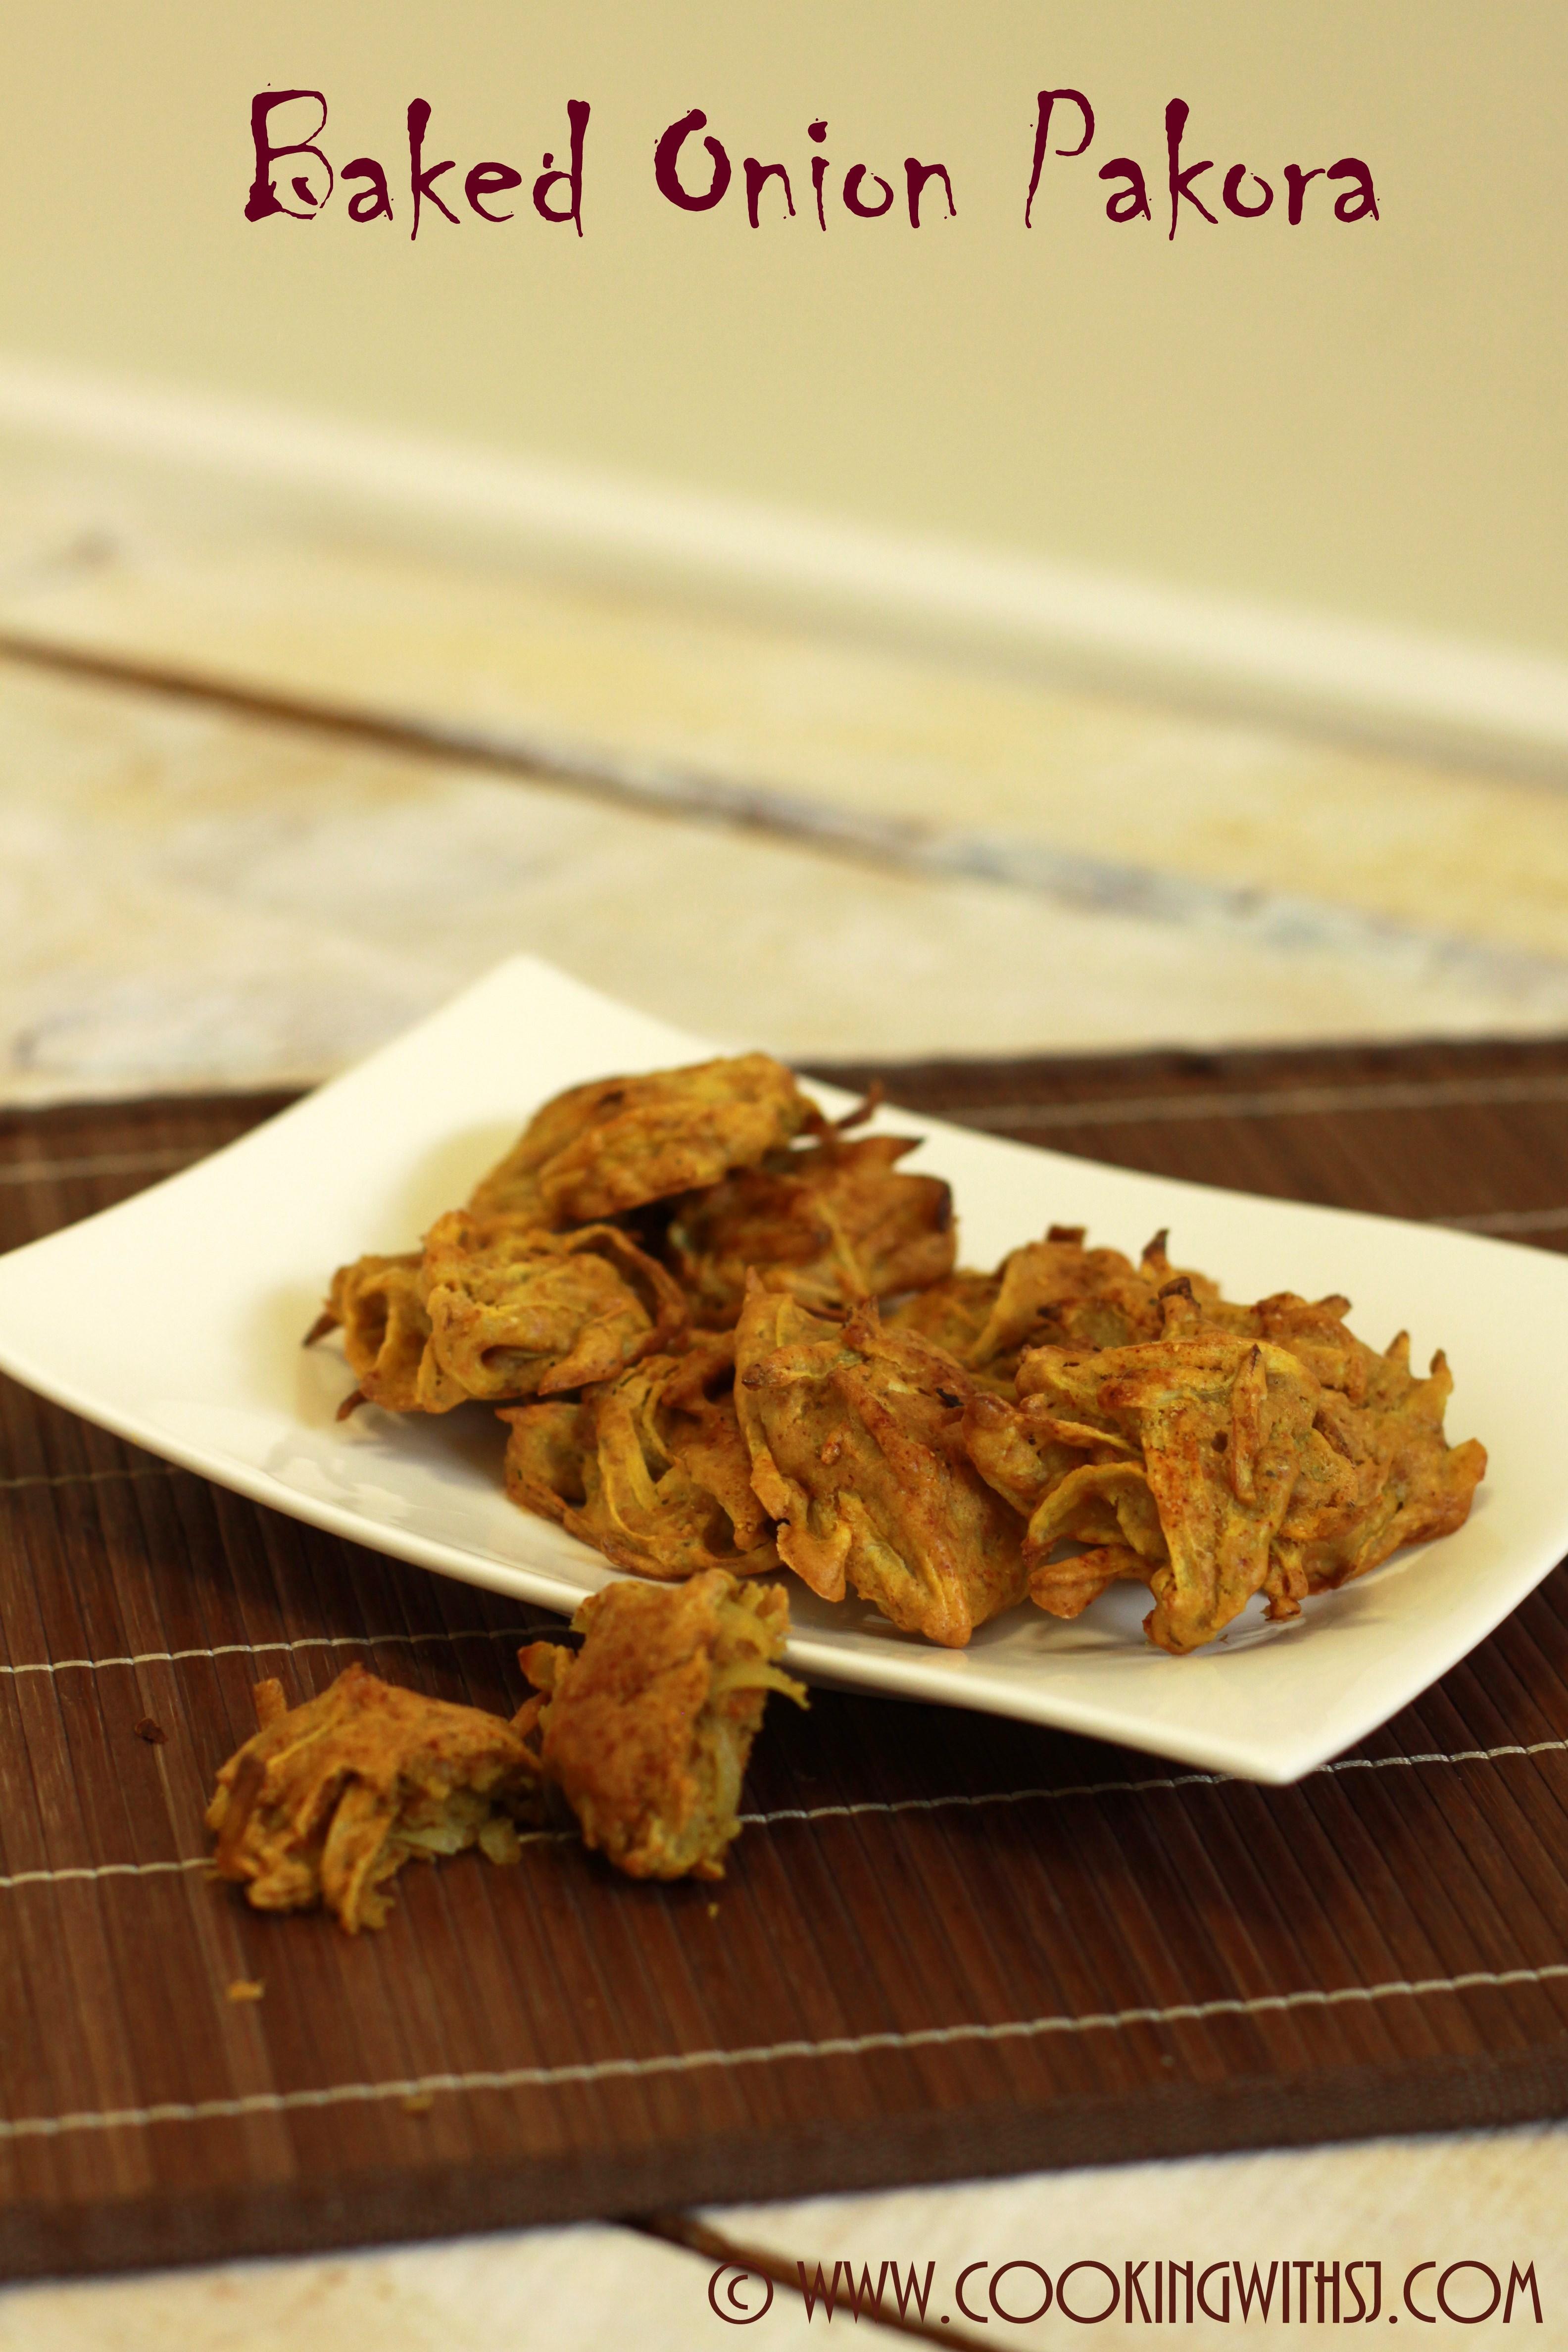 Baked onion pakora cooking with sj baked kanda pakora forumfinder Images